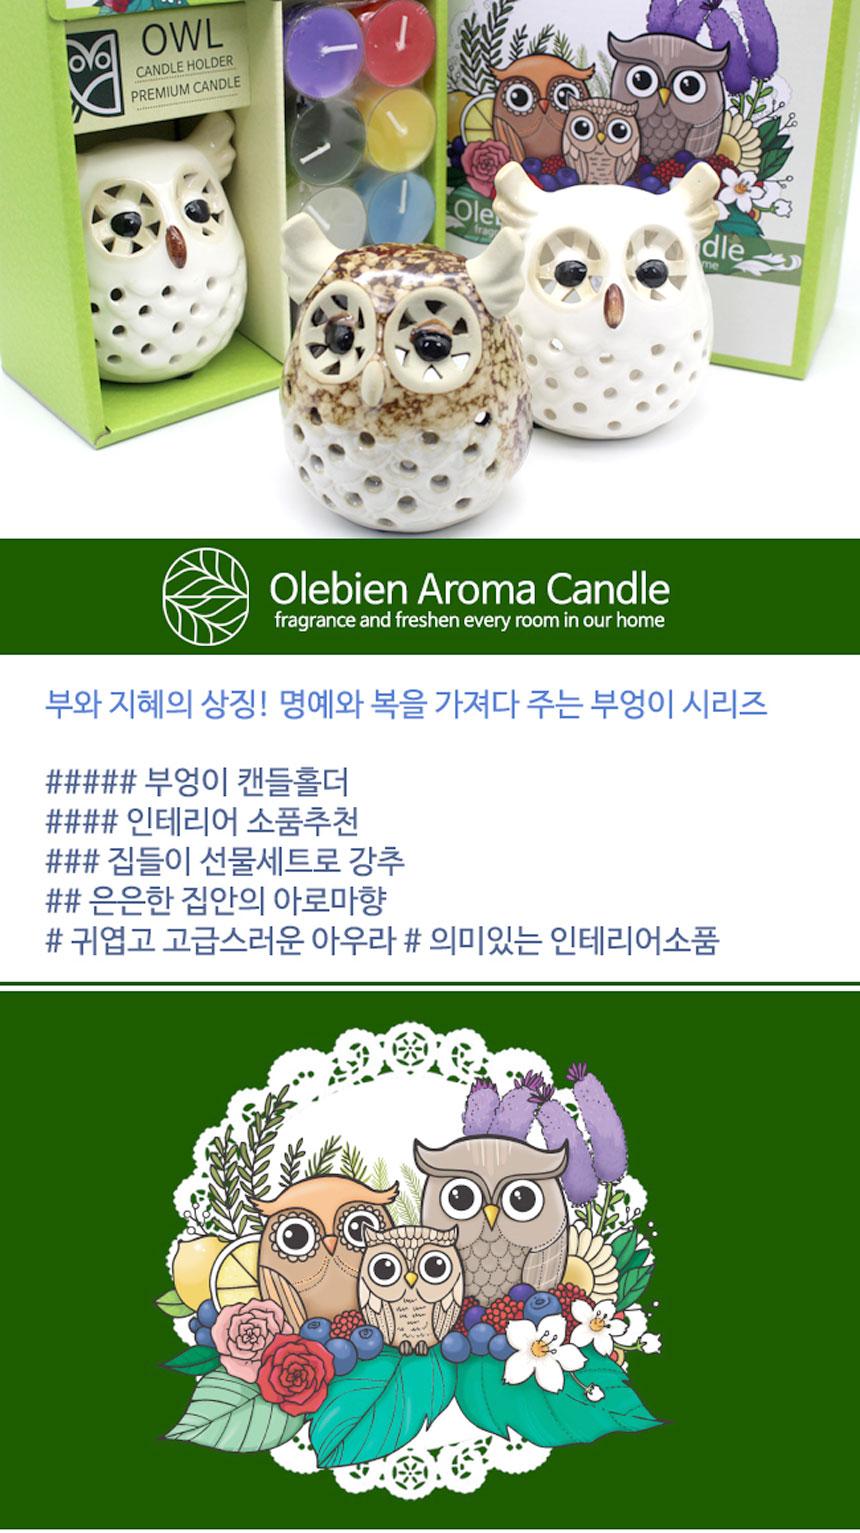 부엉이 캔들향초 선물세트 - 아로마샵, 15,000원, 캔들, 티라이트 캔들